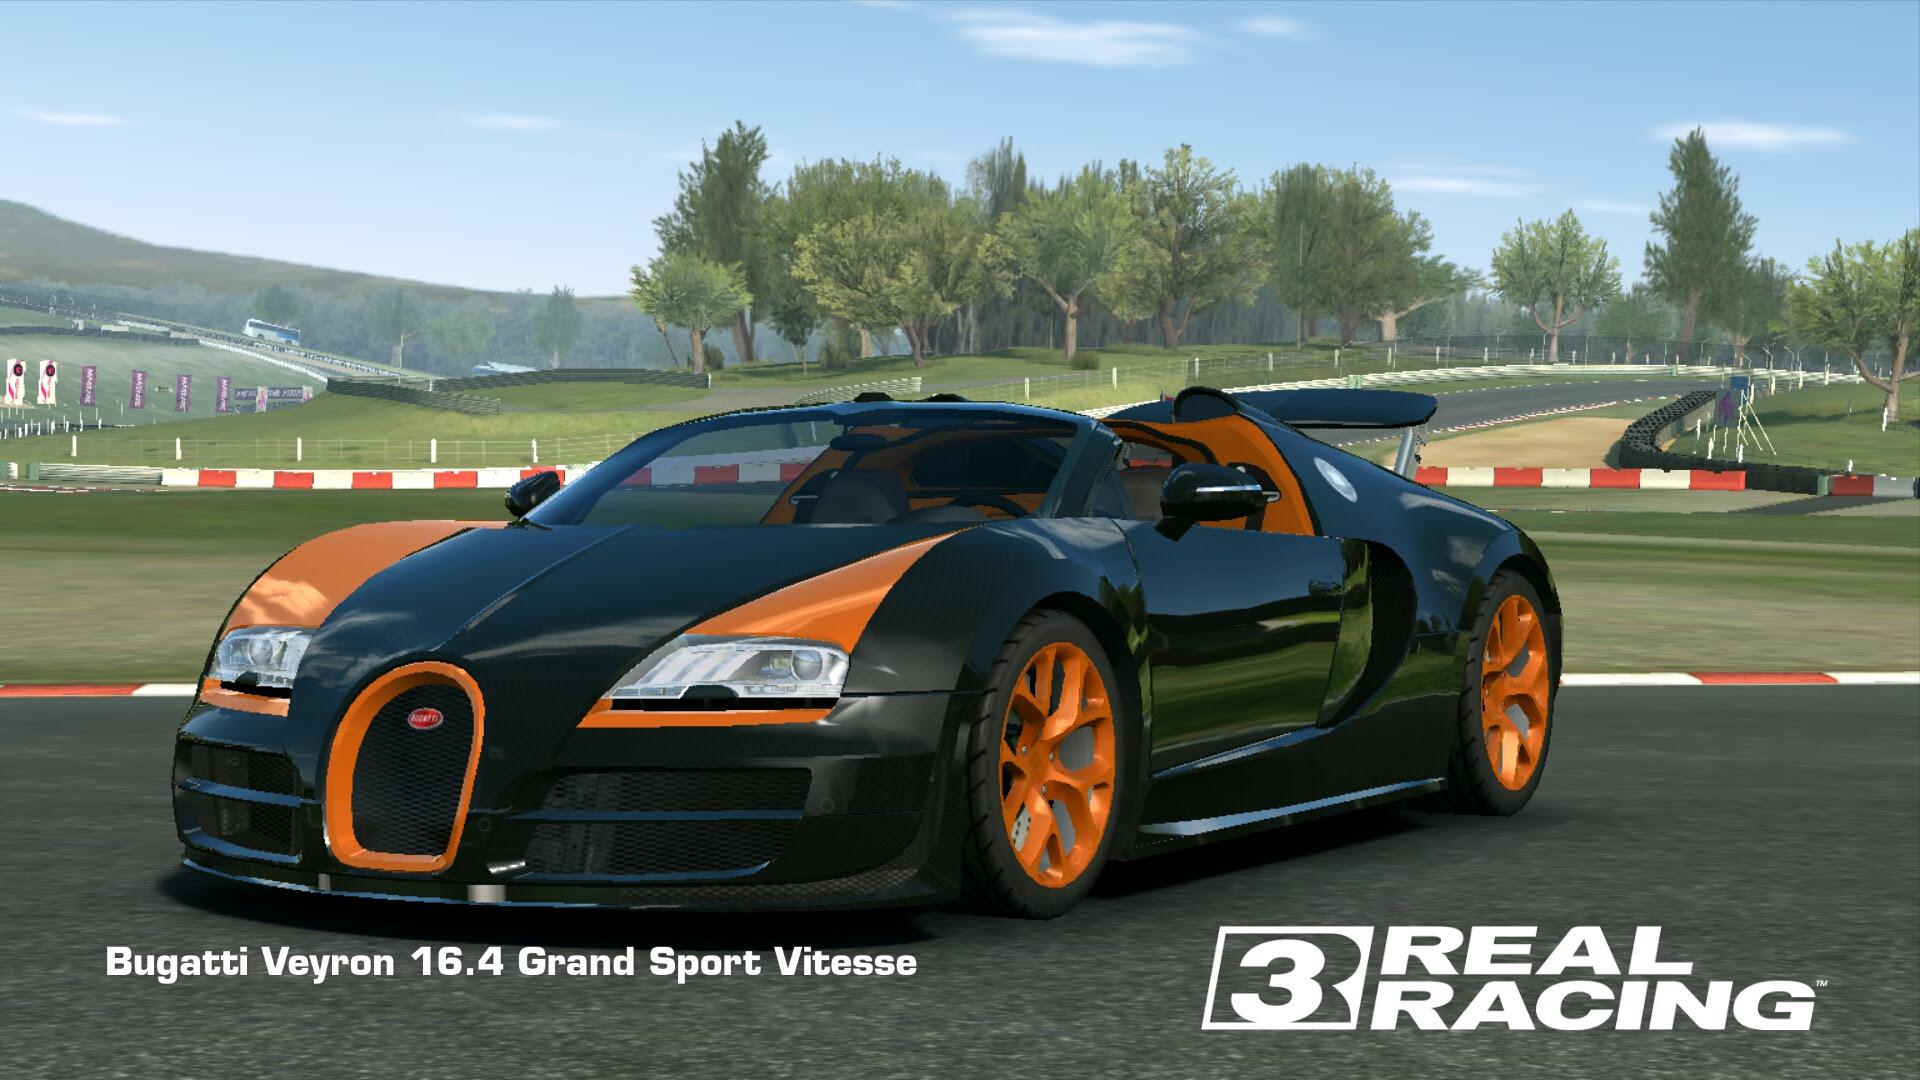 Image - Showcase Bugatti Veyron 16.4 Grand Sport Vitesse ...